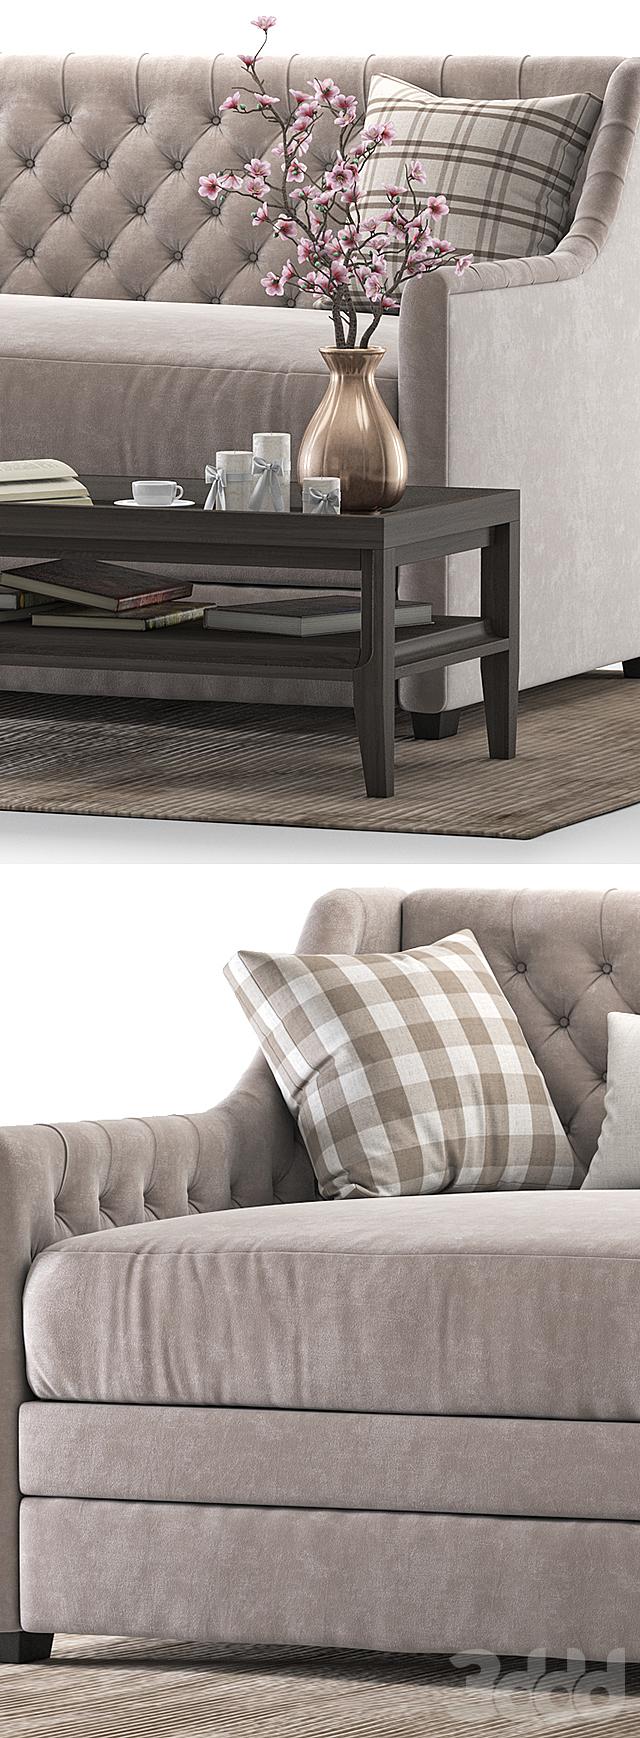 Диван-кровать Вэллс